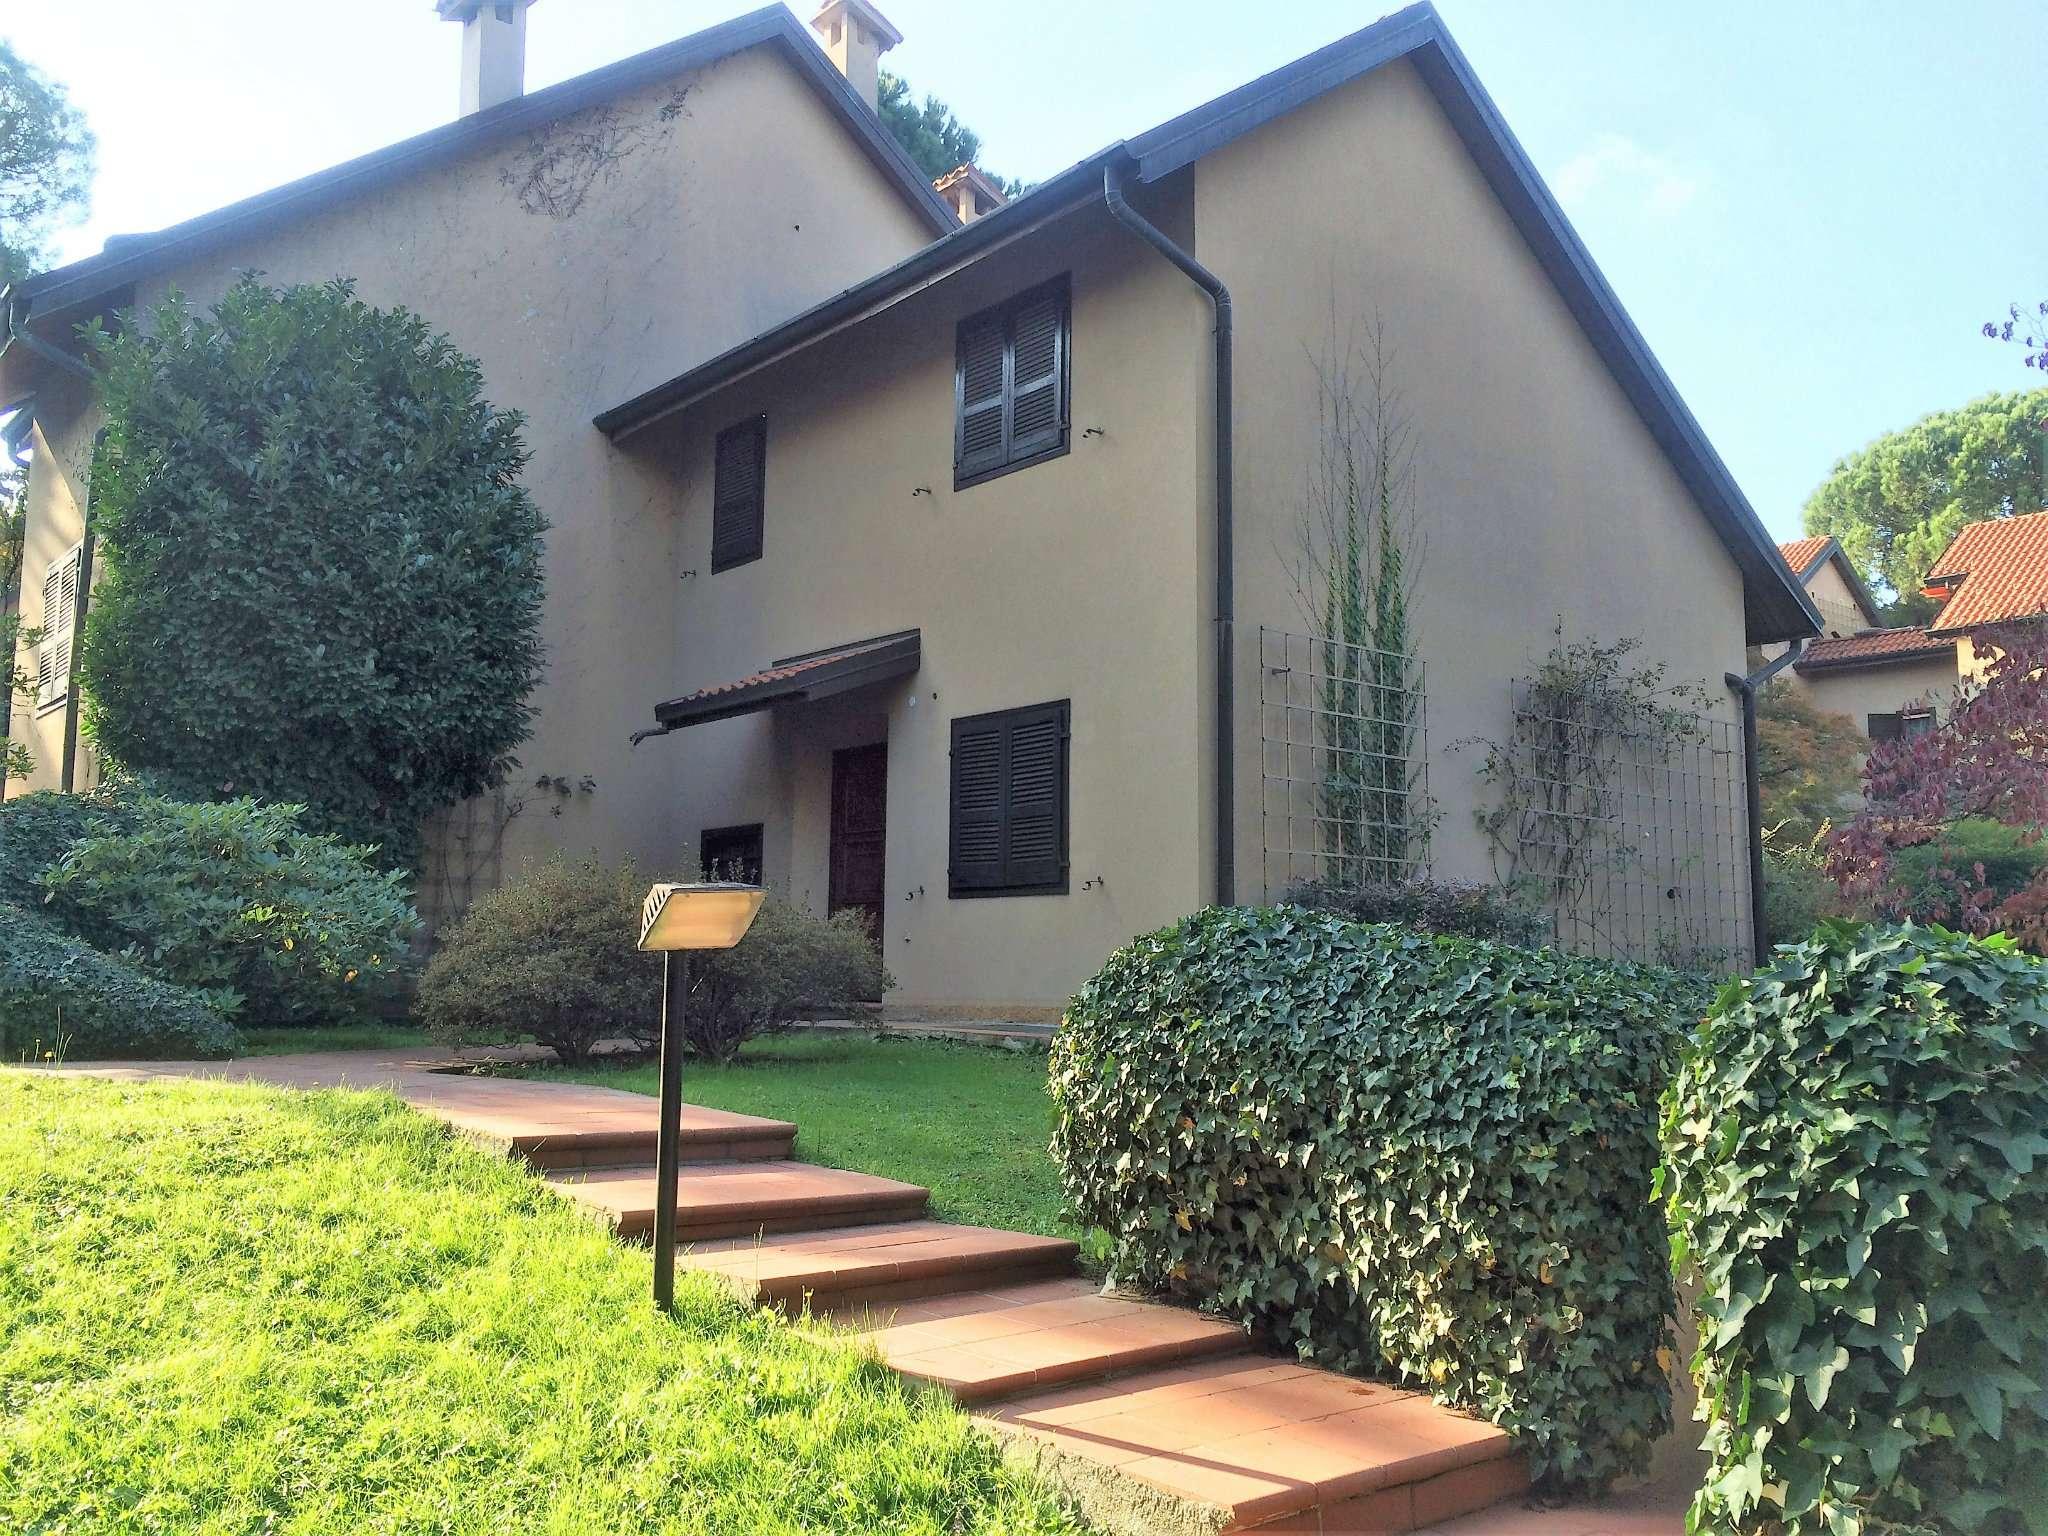 Villa in Vendita a Lentate Sul Seveso: 3 locali, 113 mq